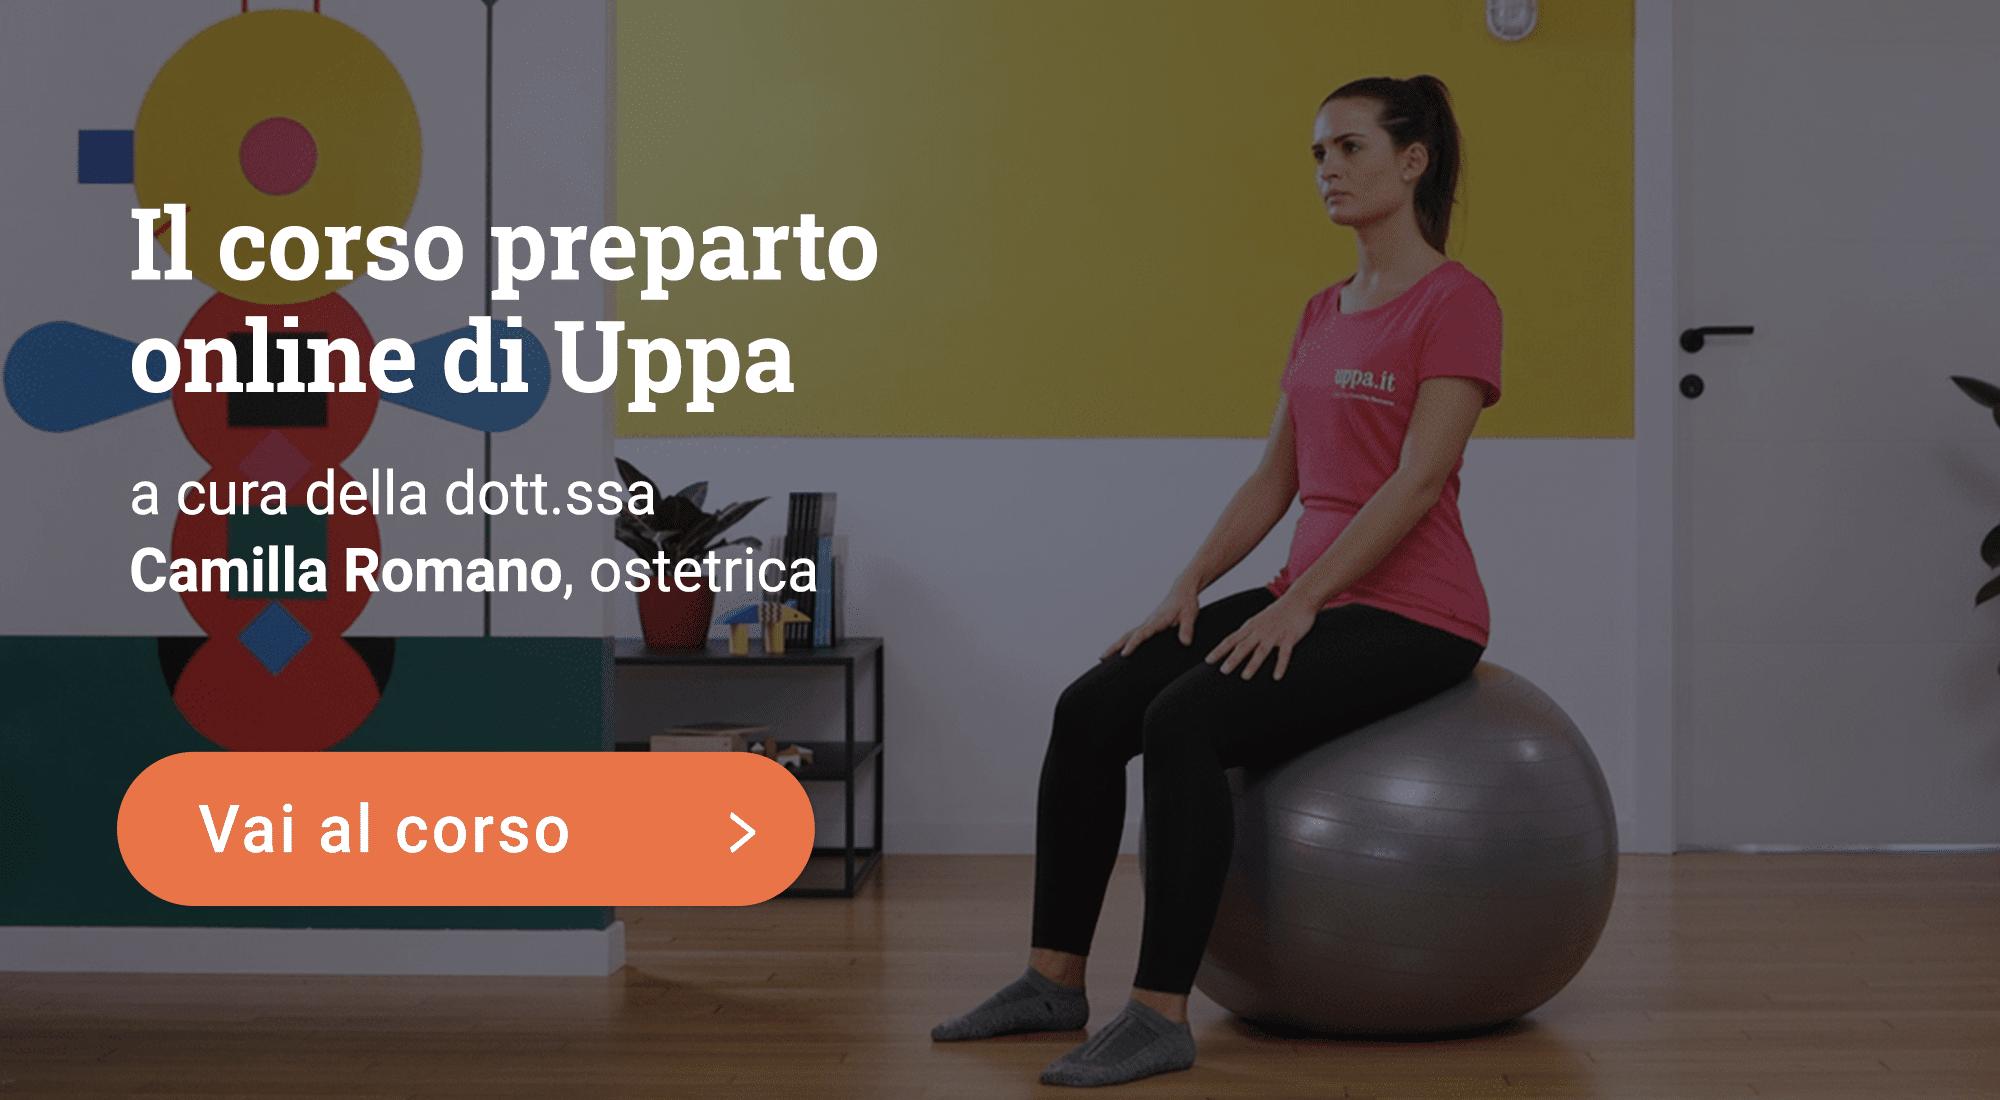 Corso preparto online di Uppa